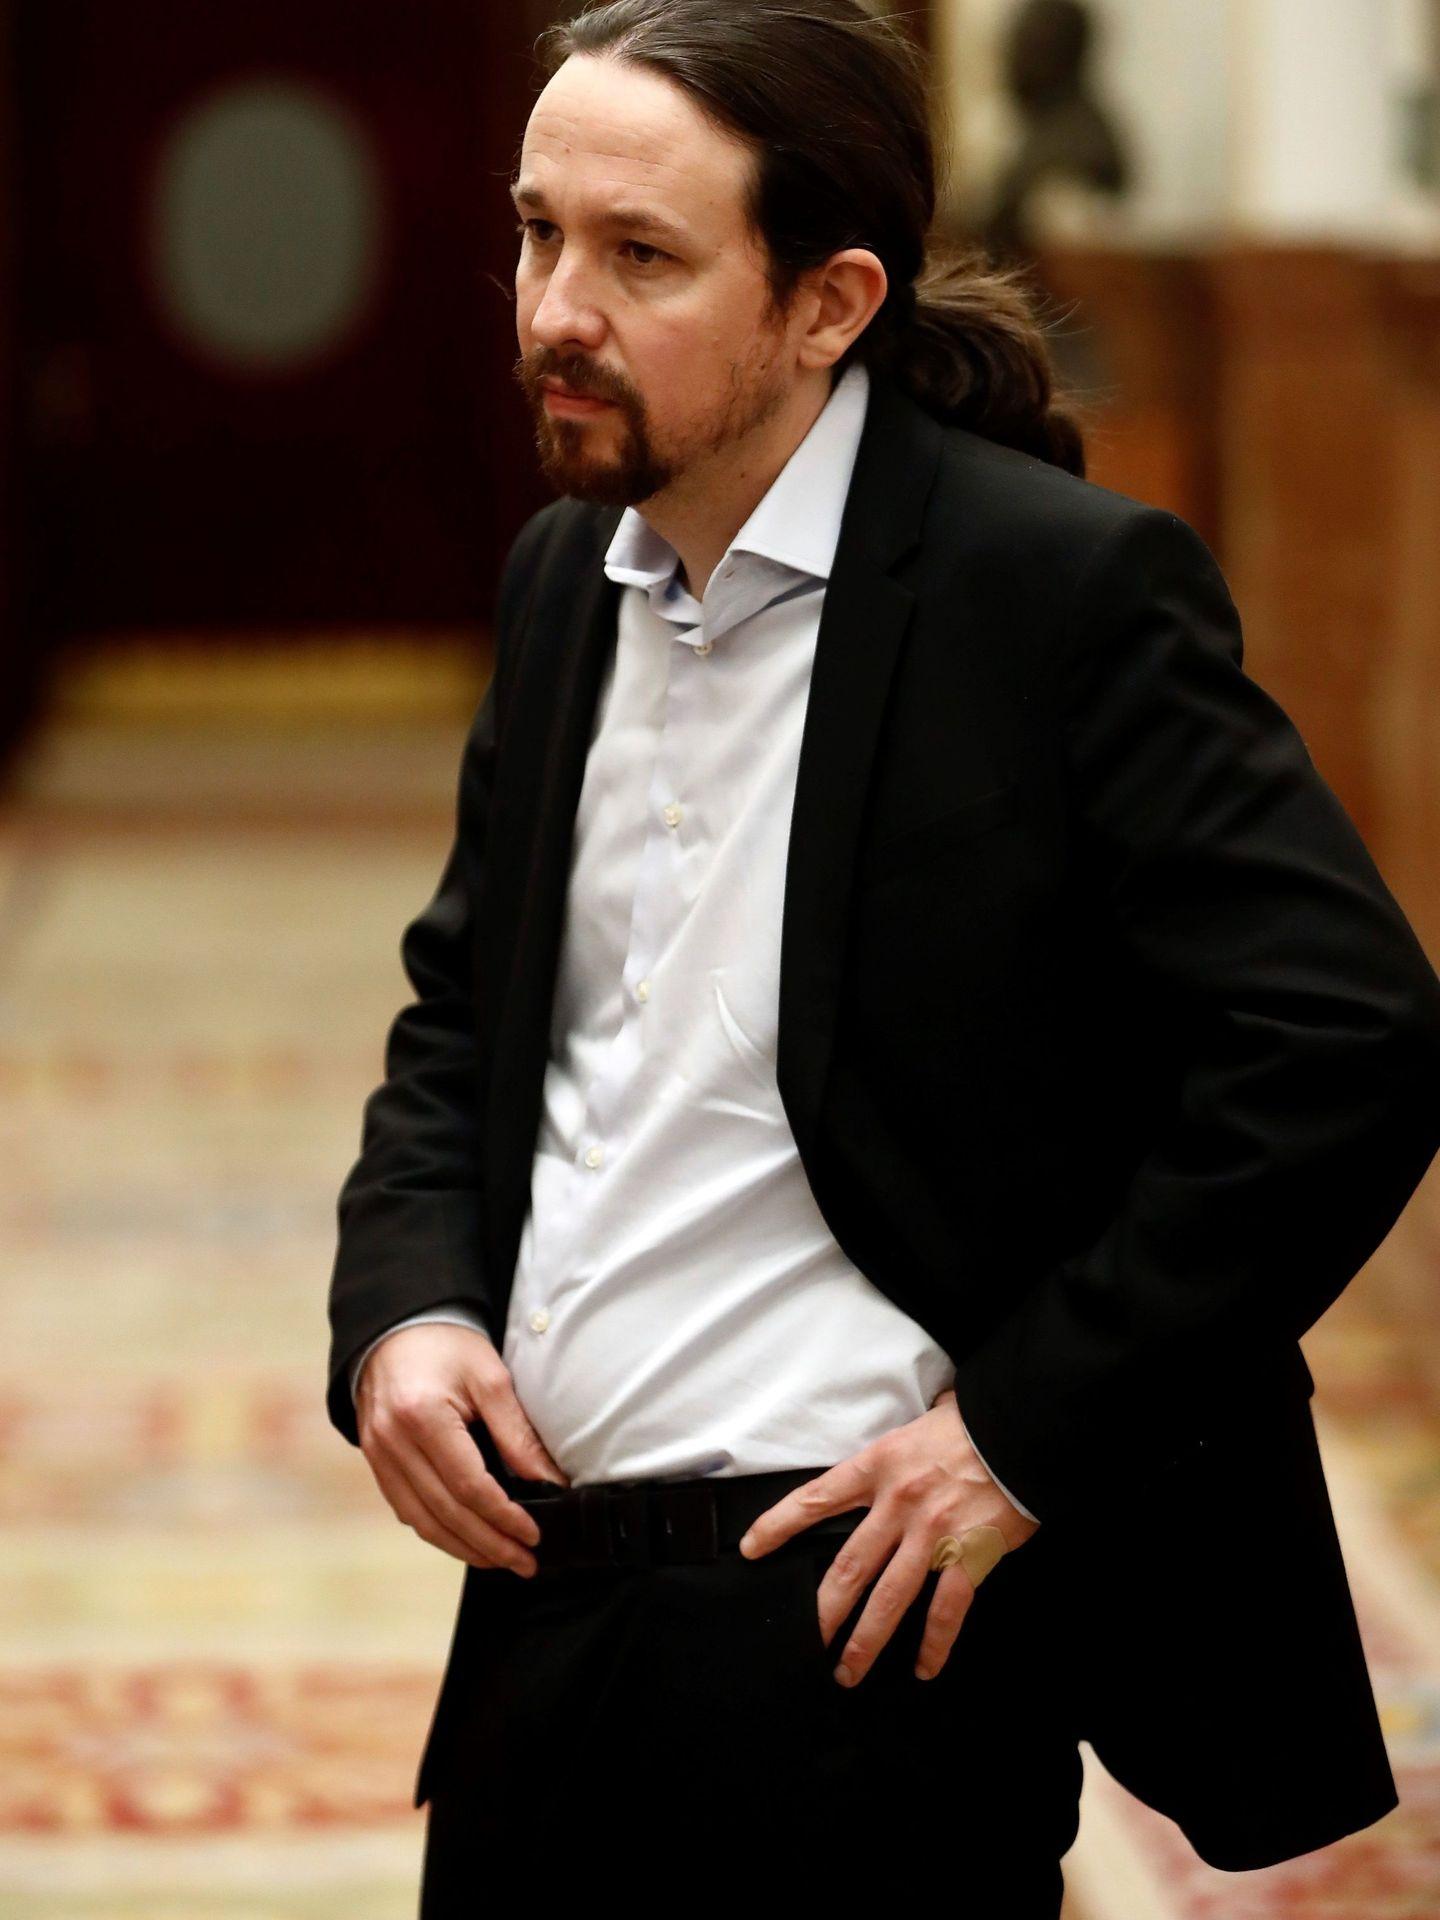 Pablo Iglesias con el traje completo. (EFE)